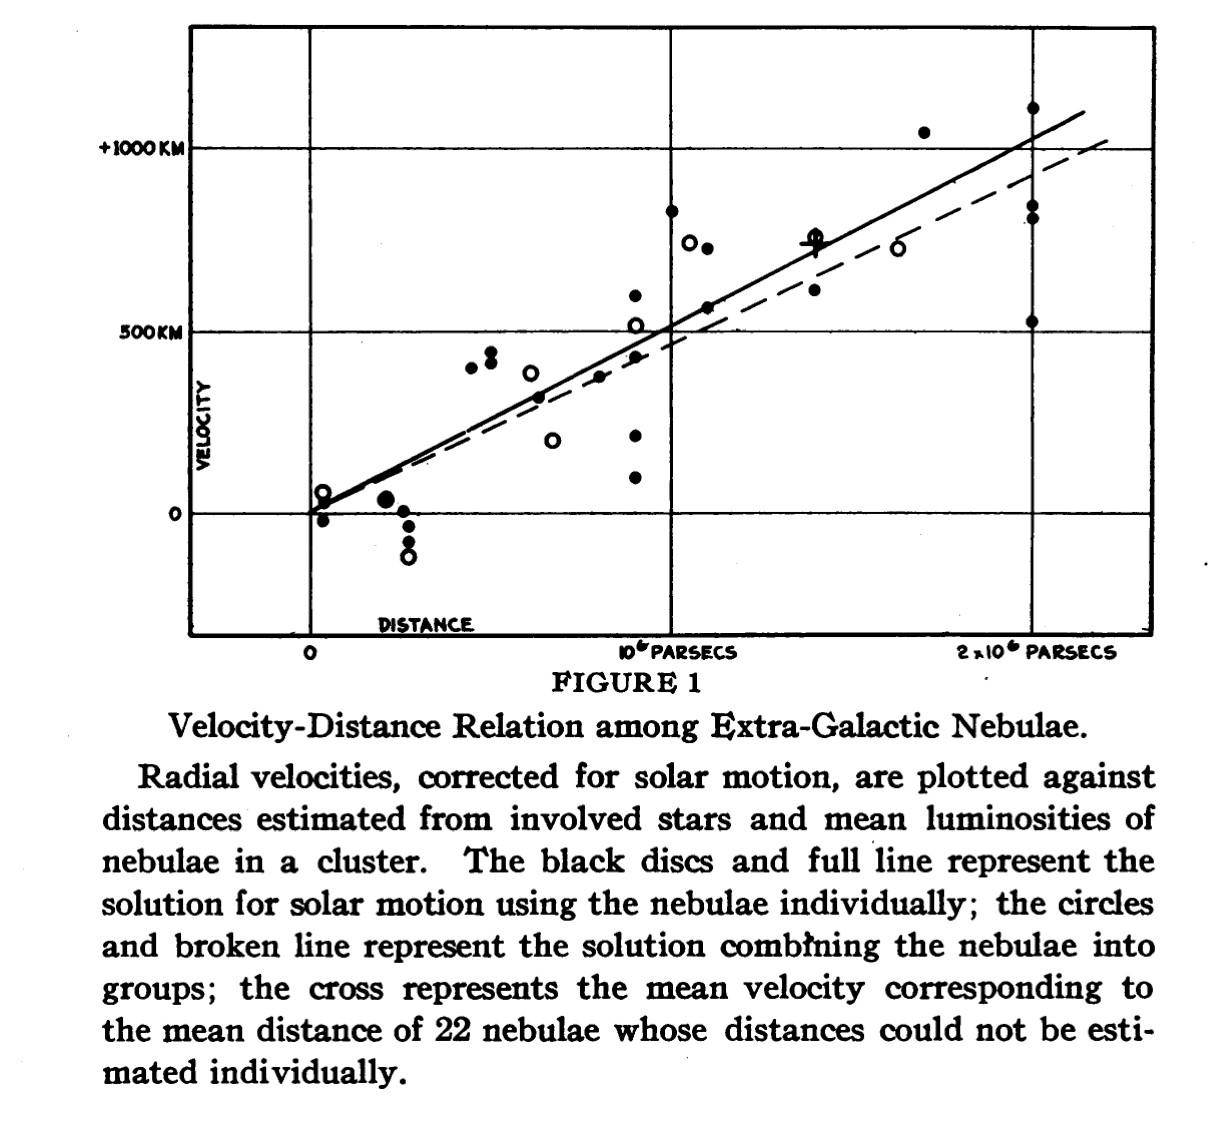 写真・図版 : ハッブルの原論文で示された遠方天体の距離−速度関係